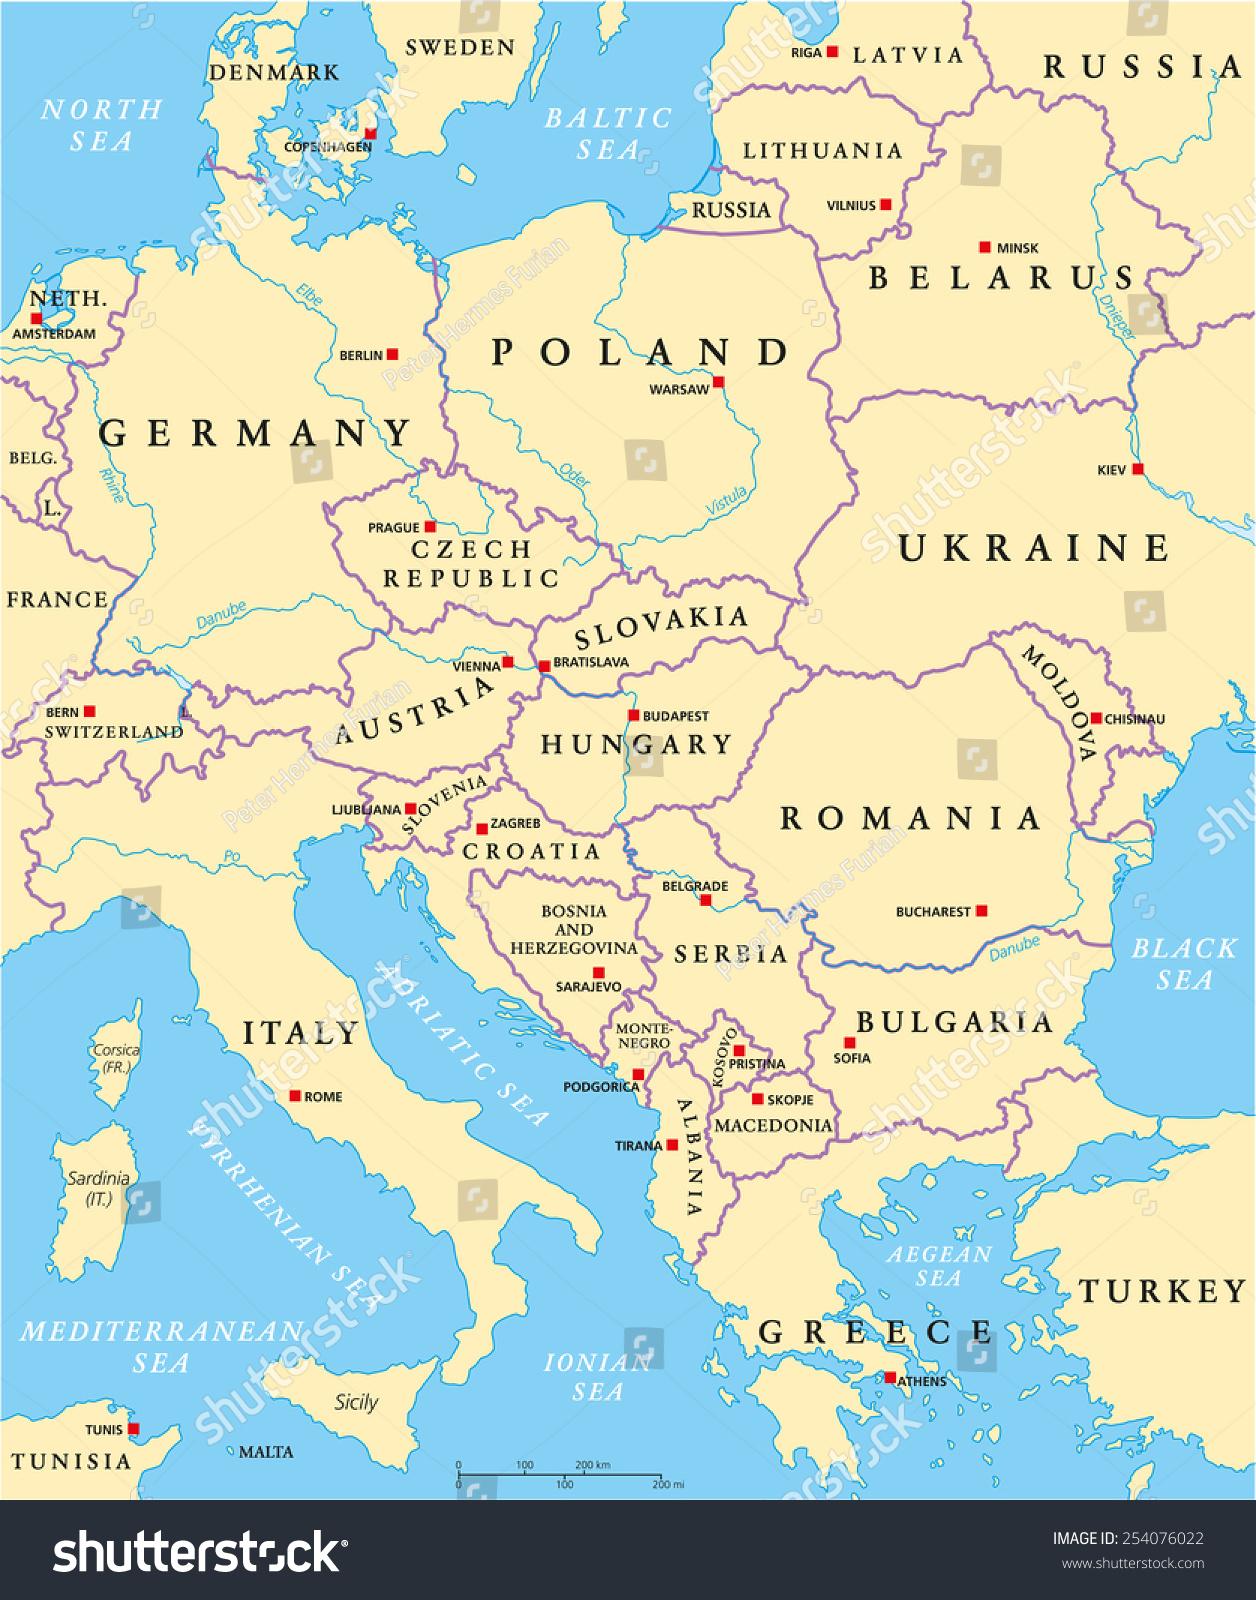 Image Vectorielle De Stock De Carte Politique De L'europe à Carte De L Europe Avec Capitale